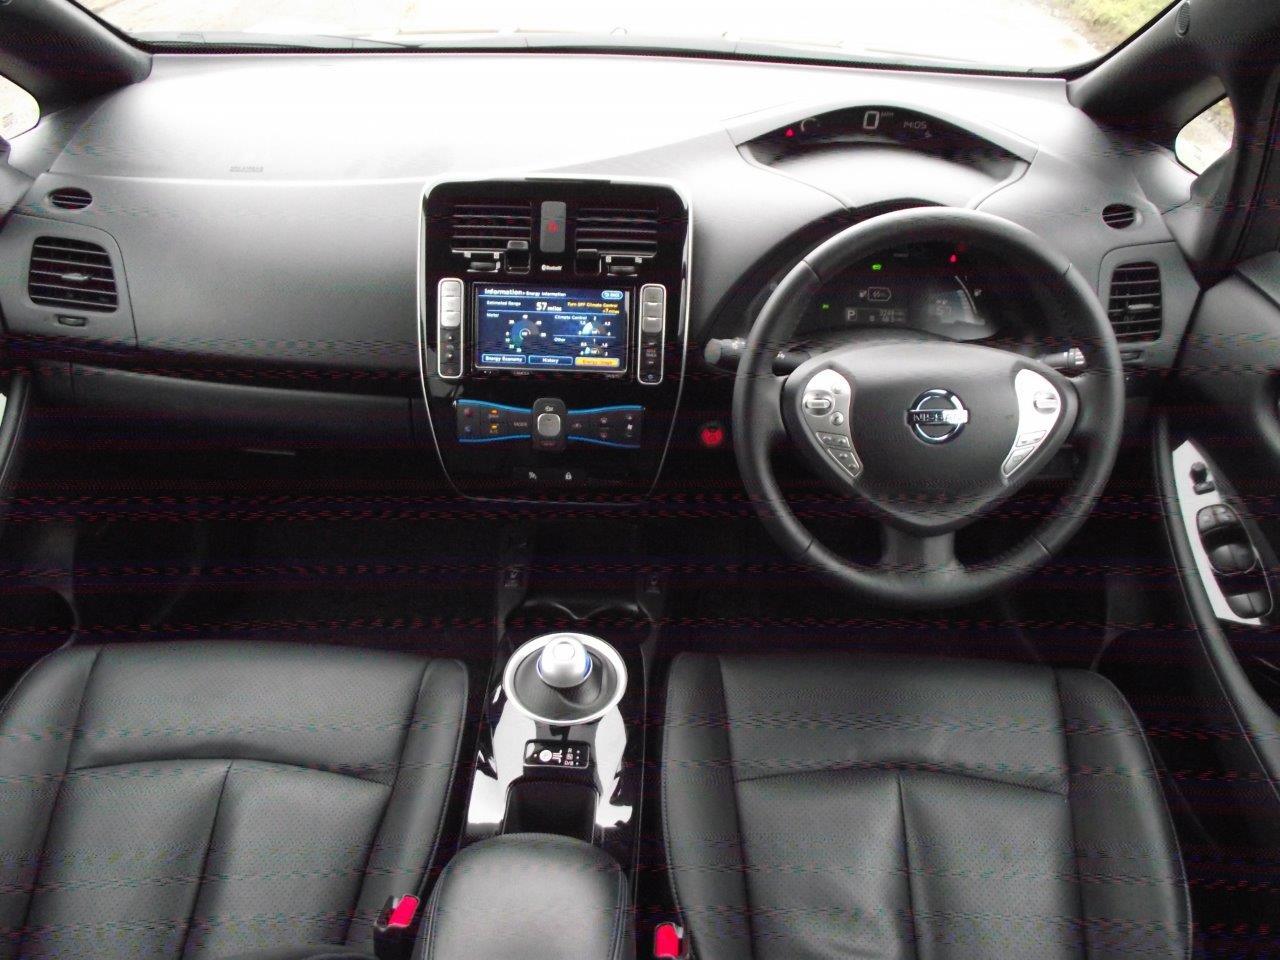 Nissan Leaf Sat Nav